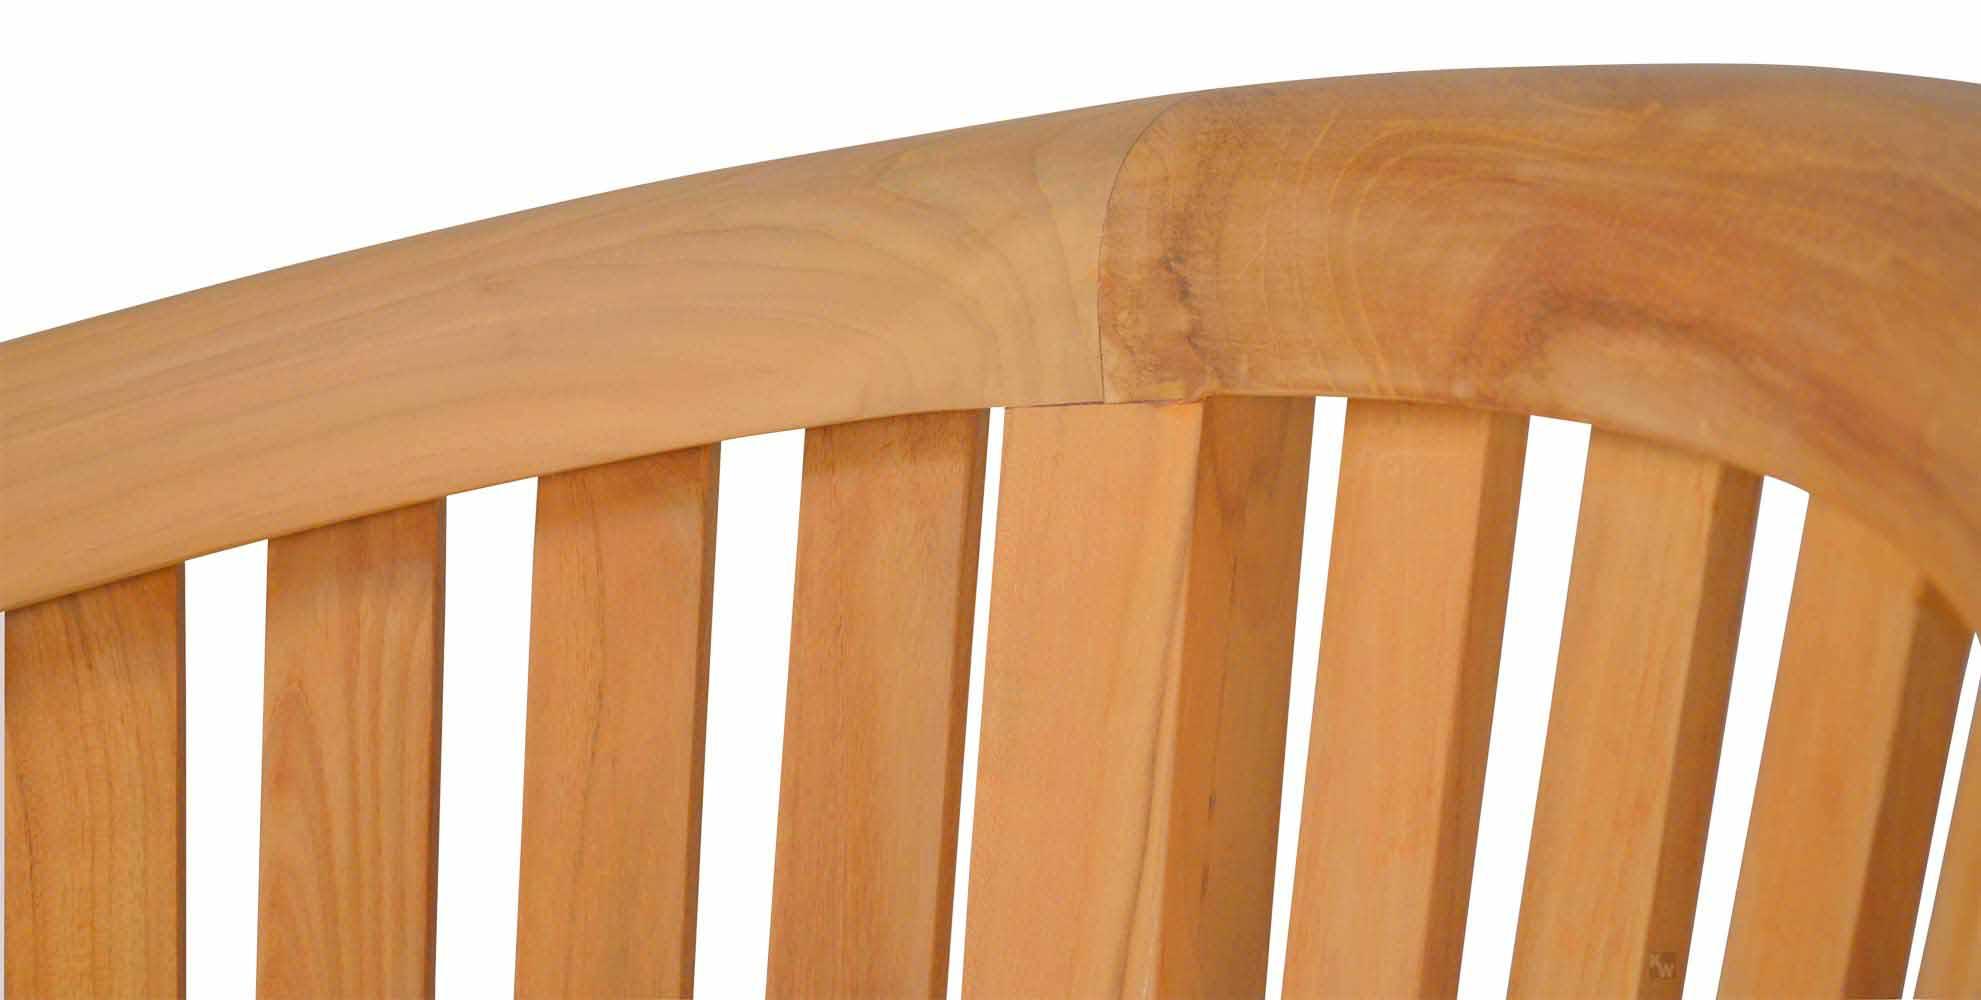 bananenbank teakholz teak gartenm bel von kai. Black Bedroom Furniture Sets. Home Design Ideas